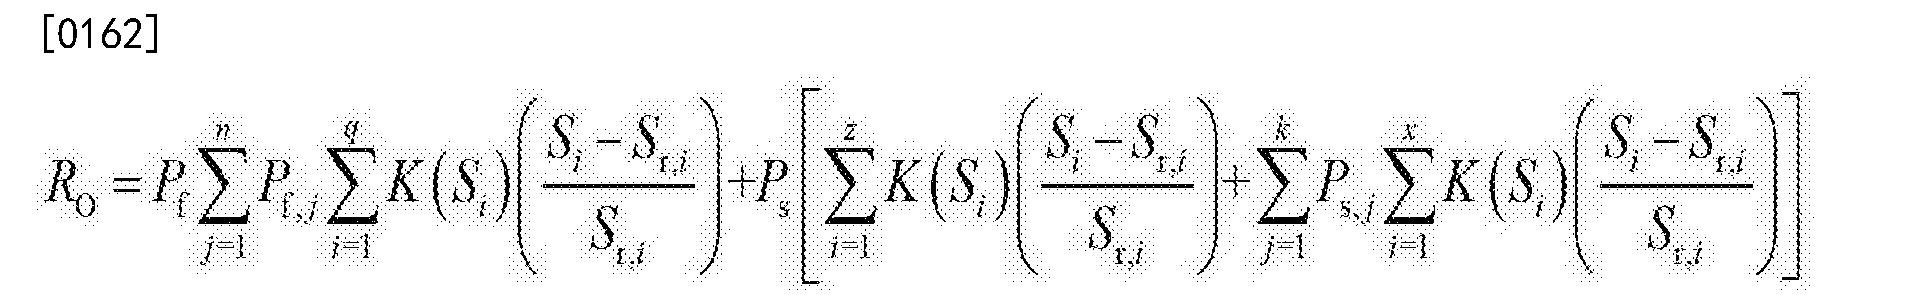 Figure CN103218754BD00162